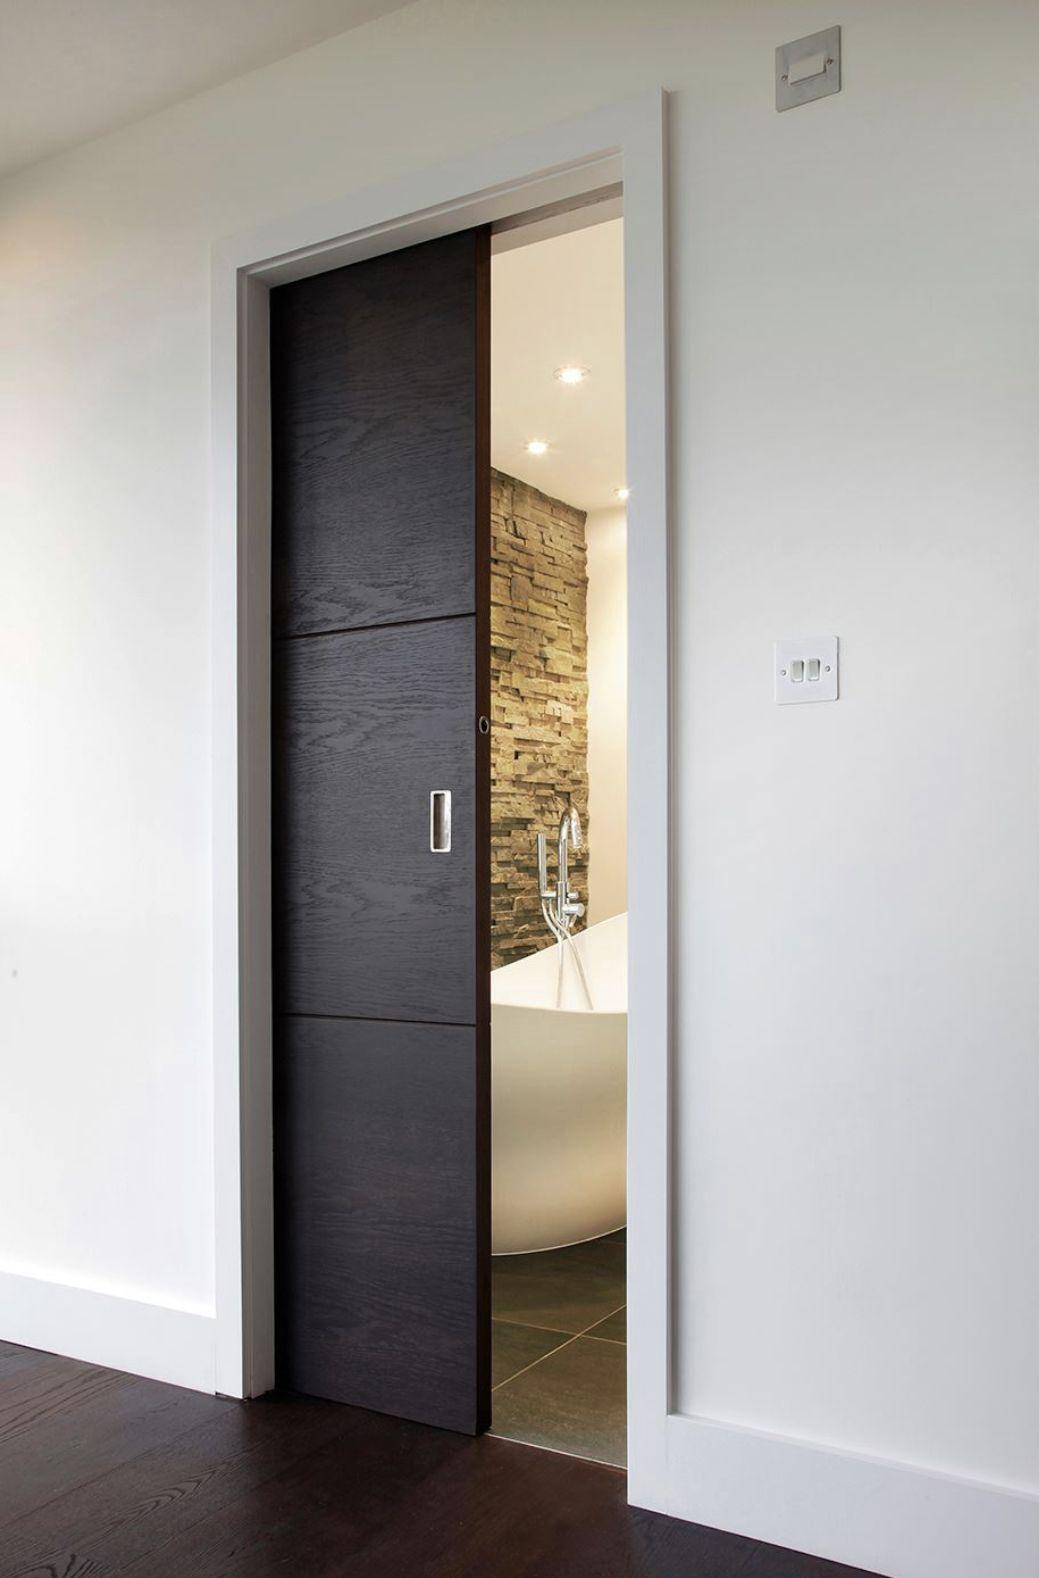 Home Decor 15 Beautiful Pocket Door Ideas Sliding Bathroom Doors Pocket Doors Doors Interior